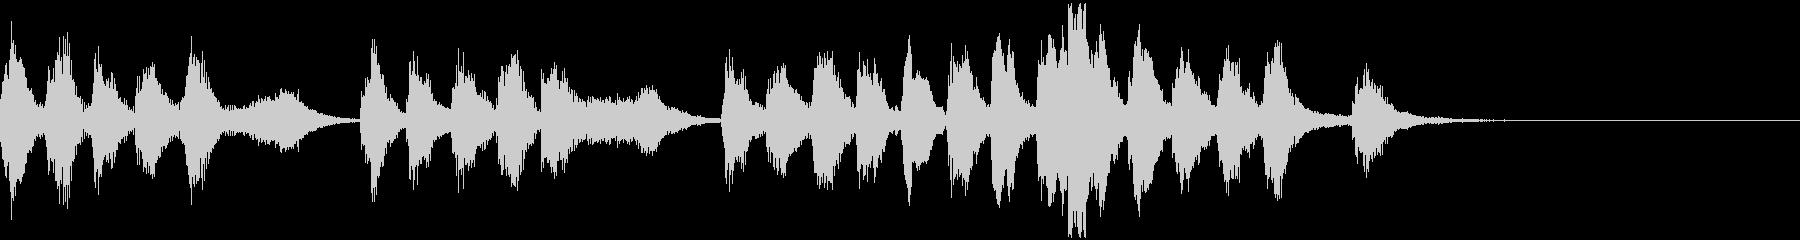 ファンタジー向けコミカルなジングルの未再生の波形